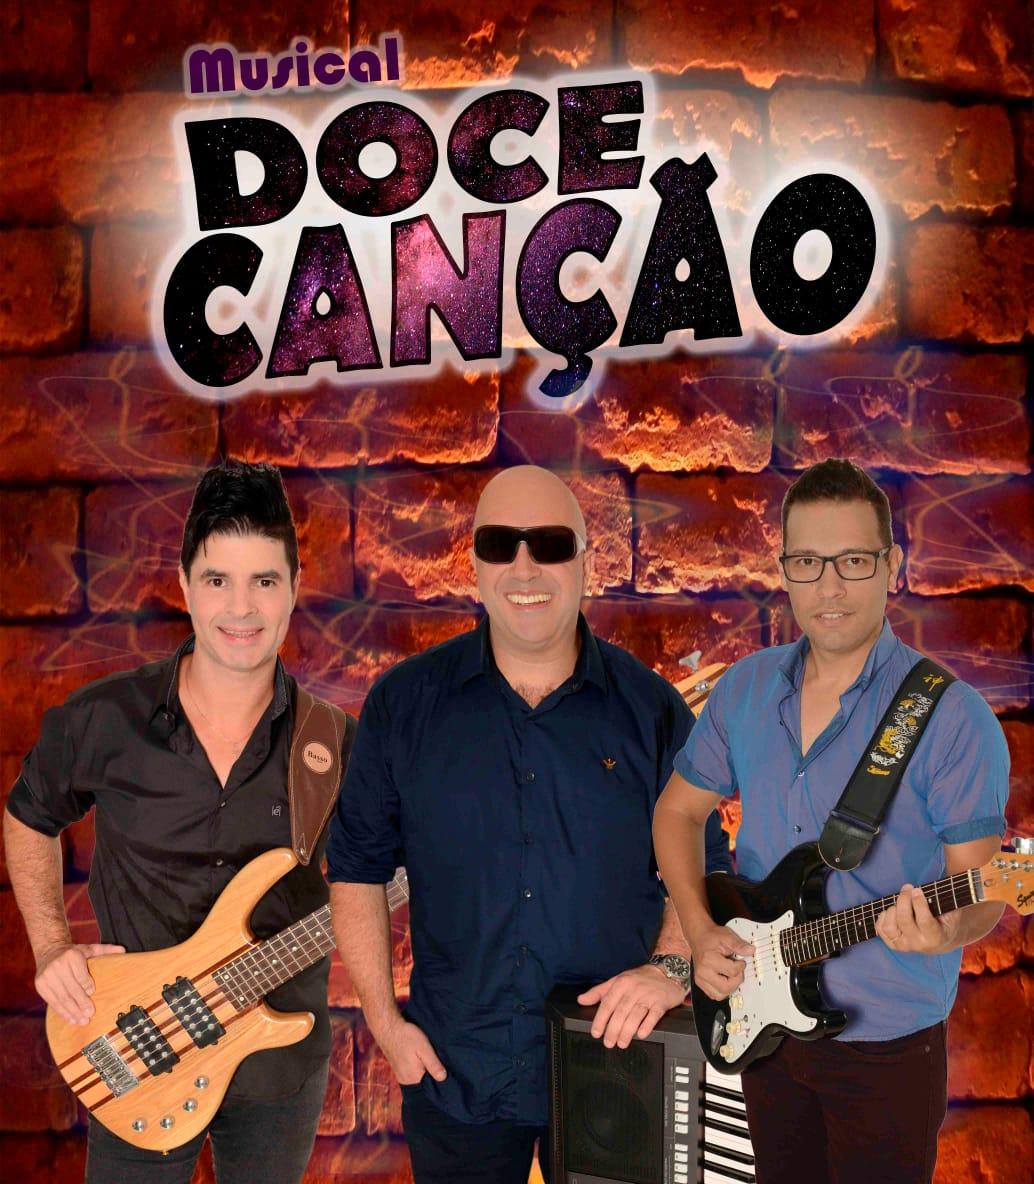 Musical Doce Canção